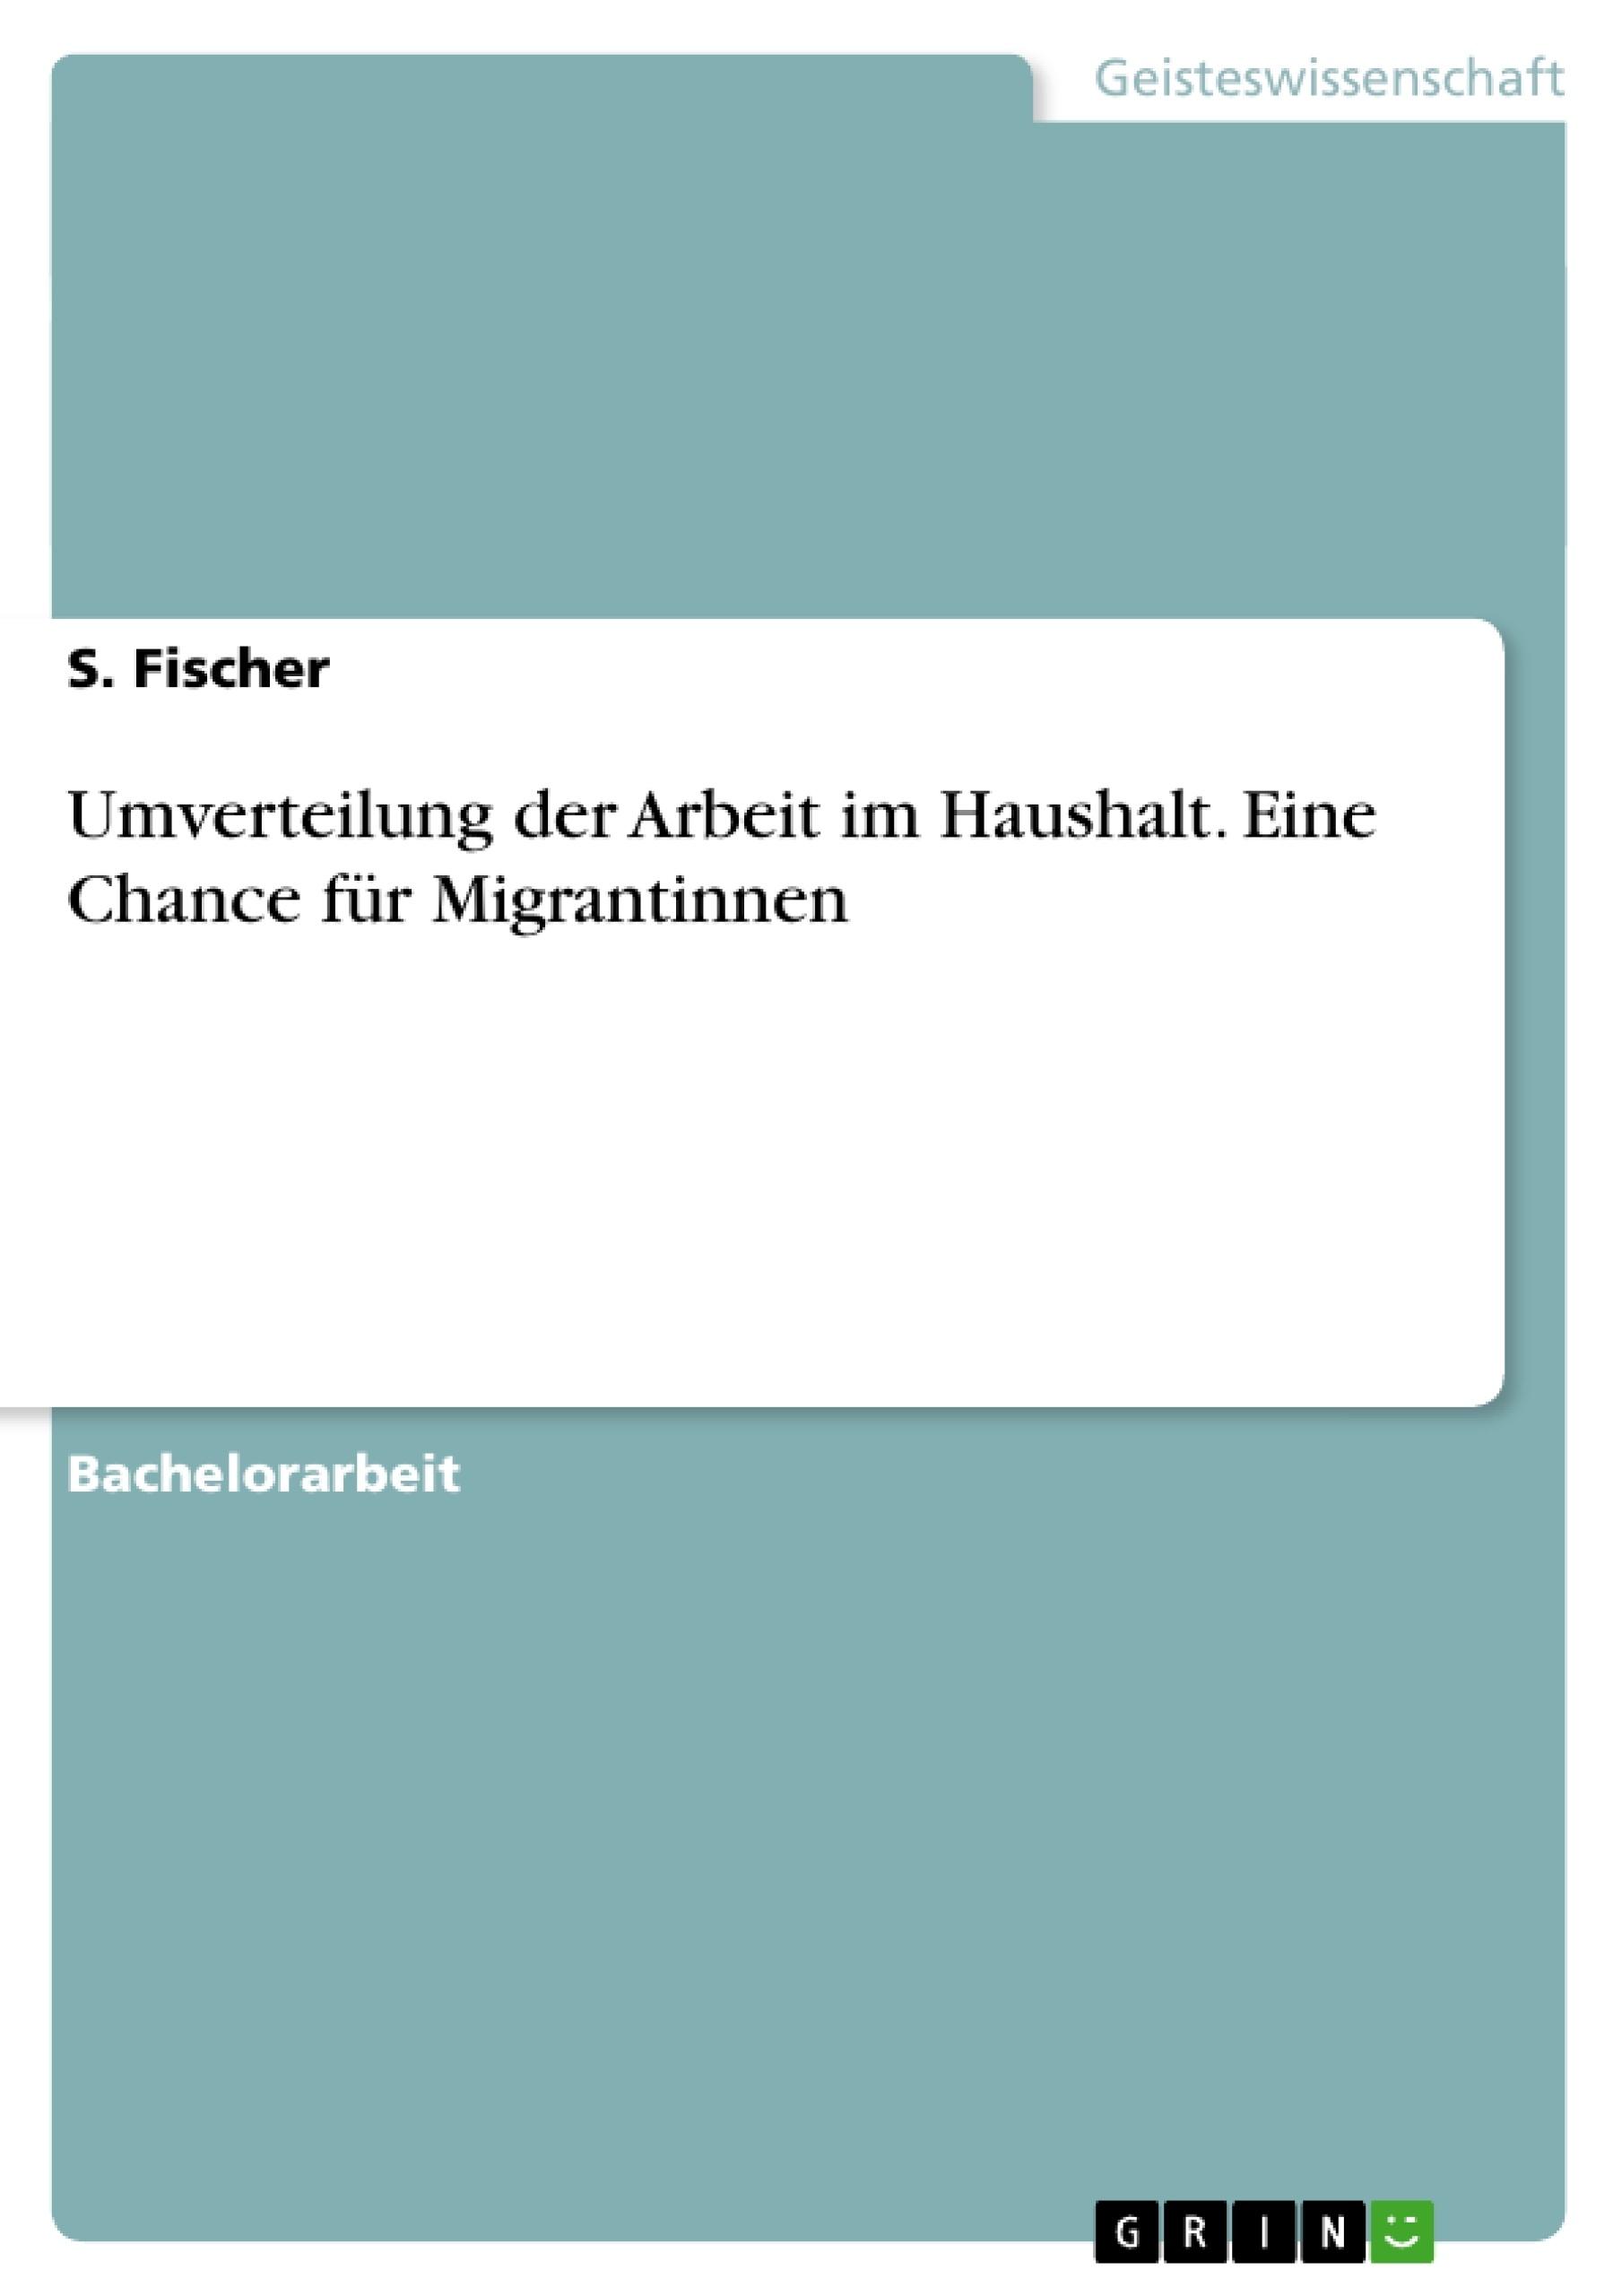 Titel: Umverteilung der Arbeit im Haushalt. Eine Chance für Migrantinnen